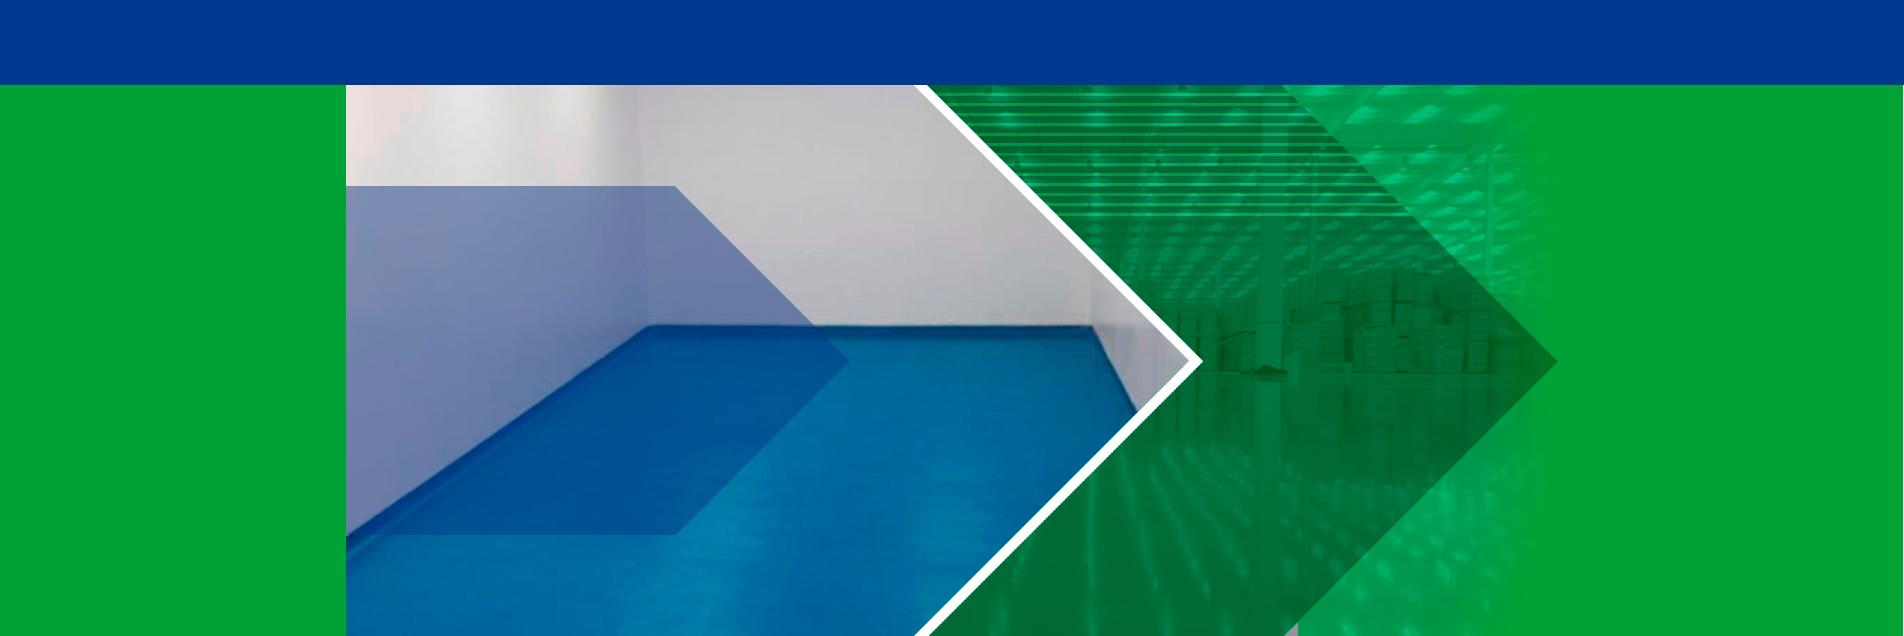 slide-banner-002